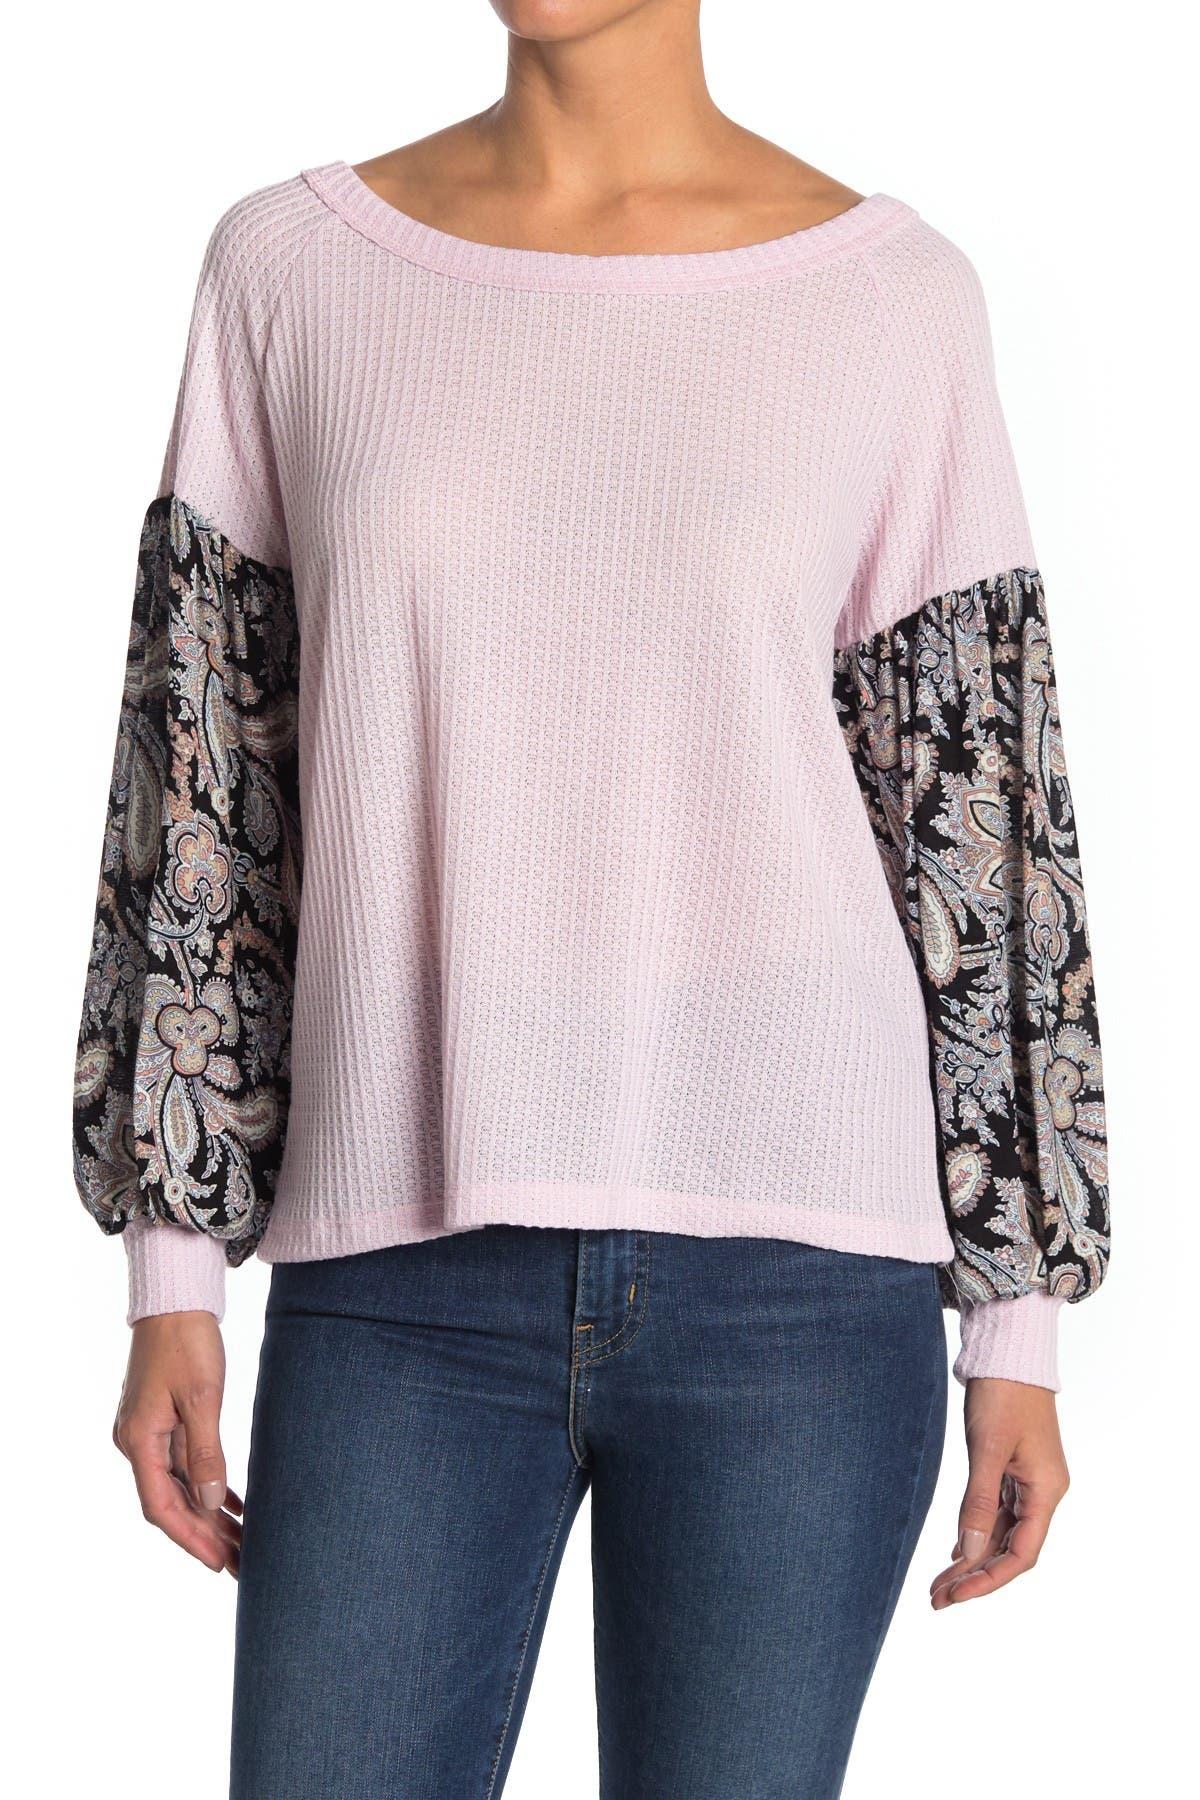 Image of Baea Boho Thermal Blouson Sleeve Shirt